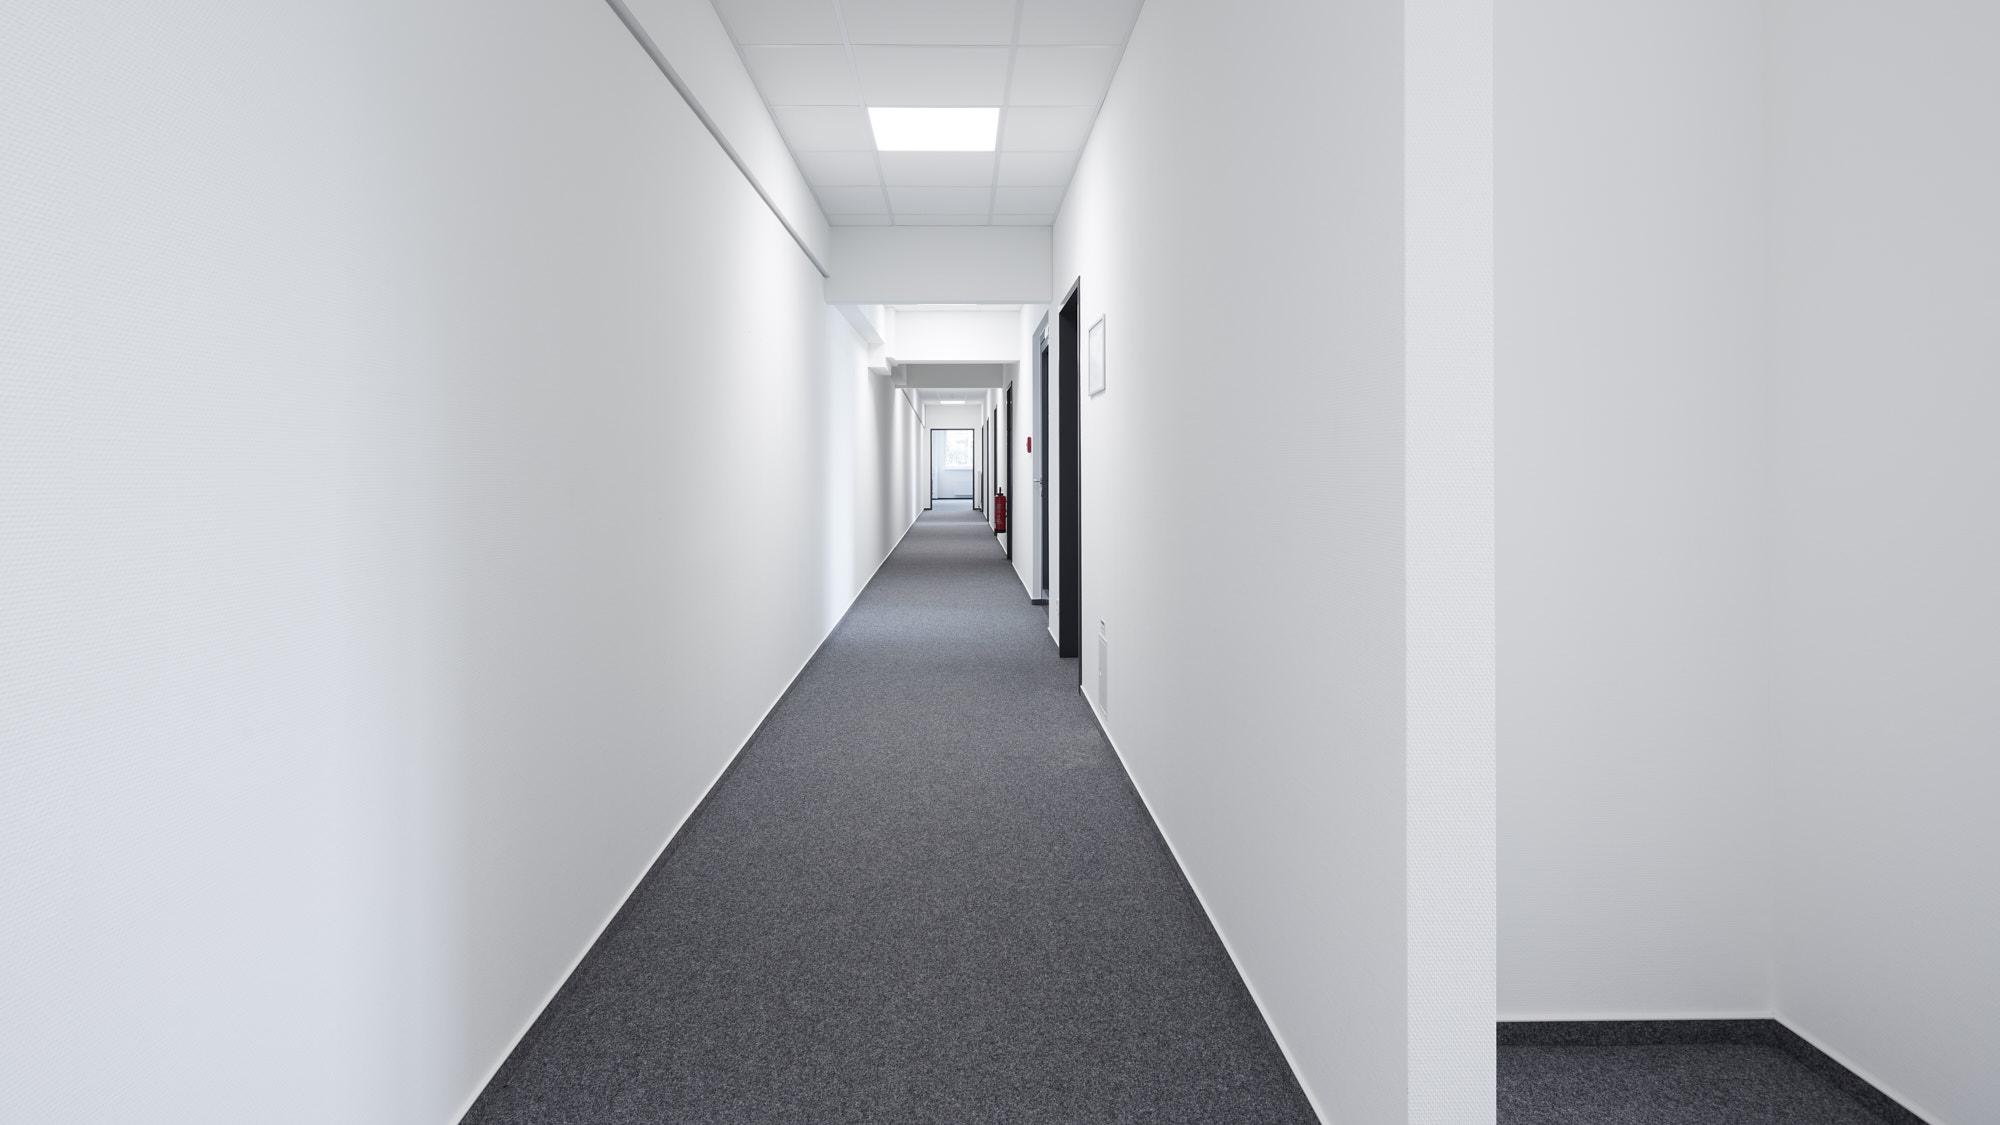 bernd-westphal-stillstars-beos-immobilien-arcitektur-photography-017